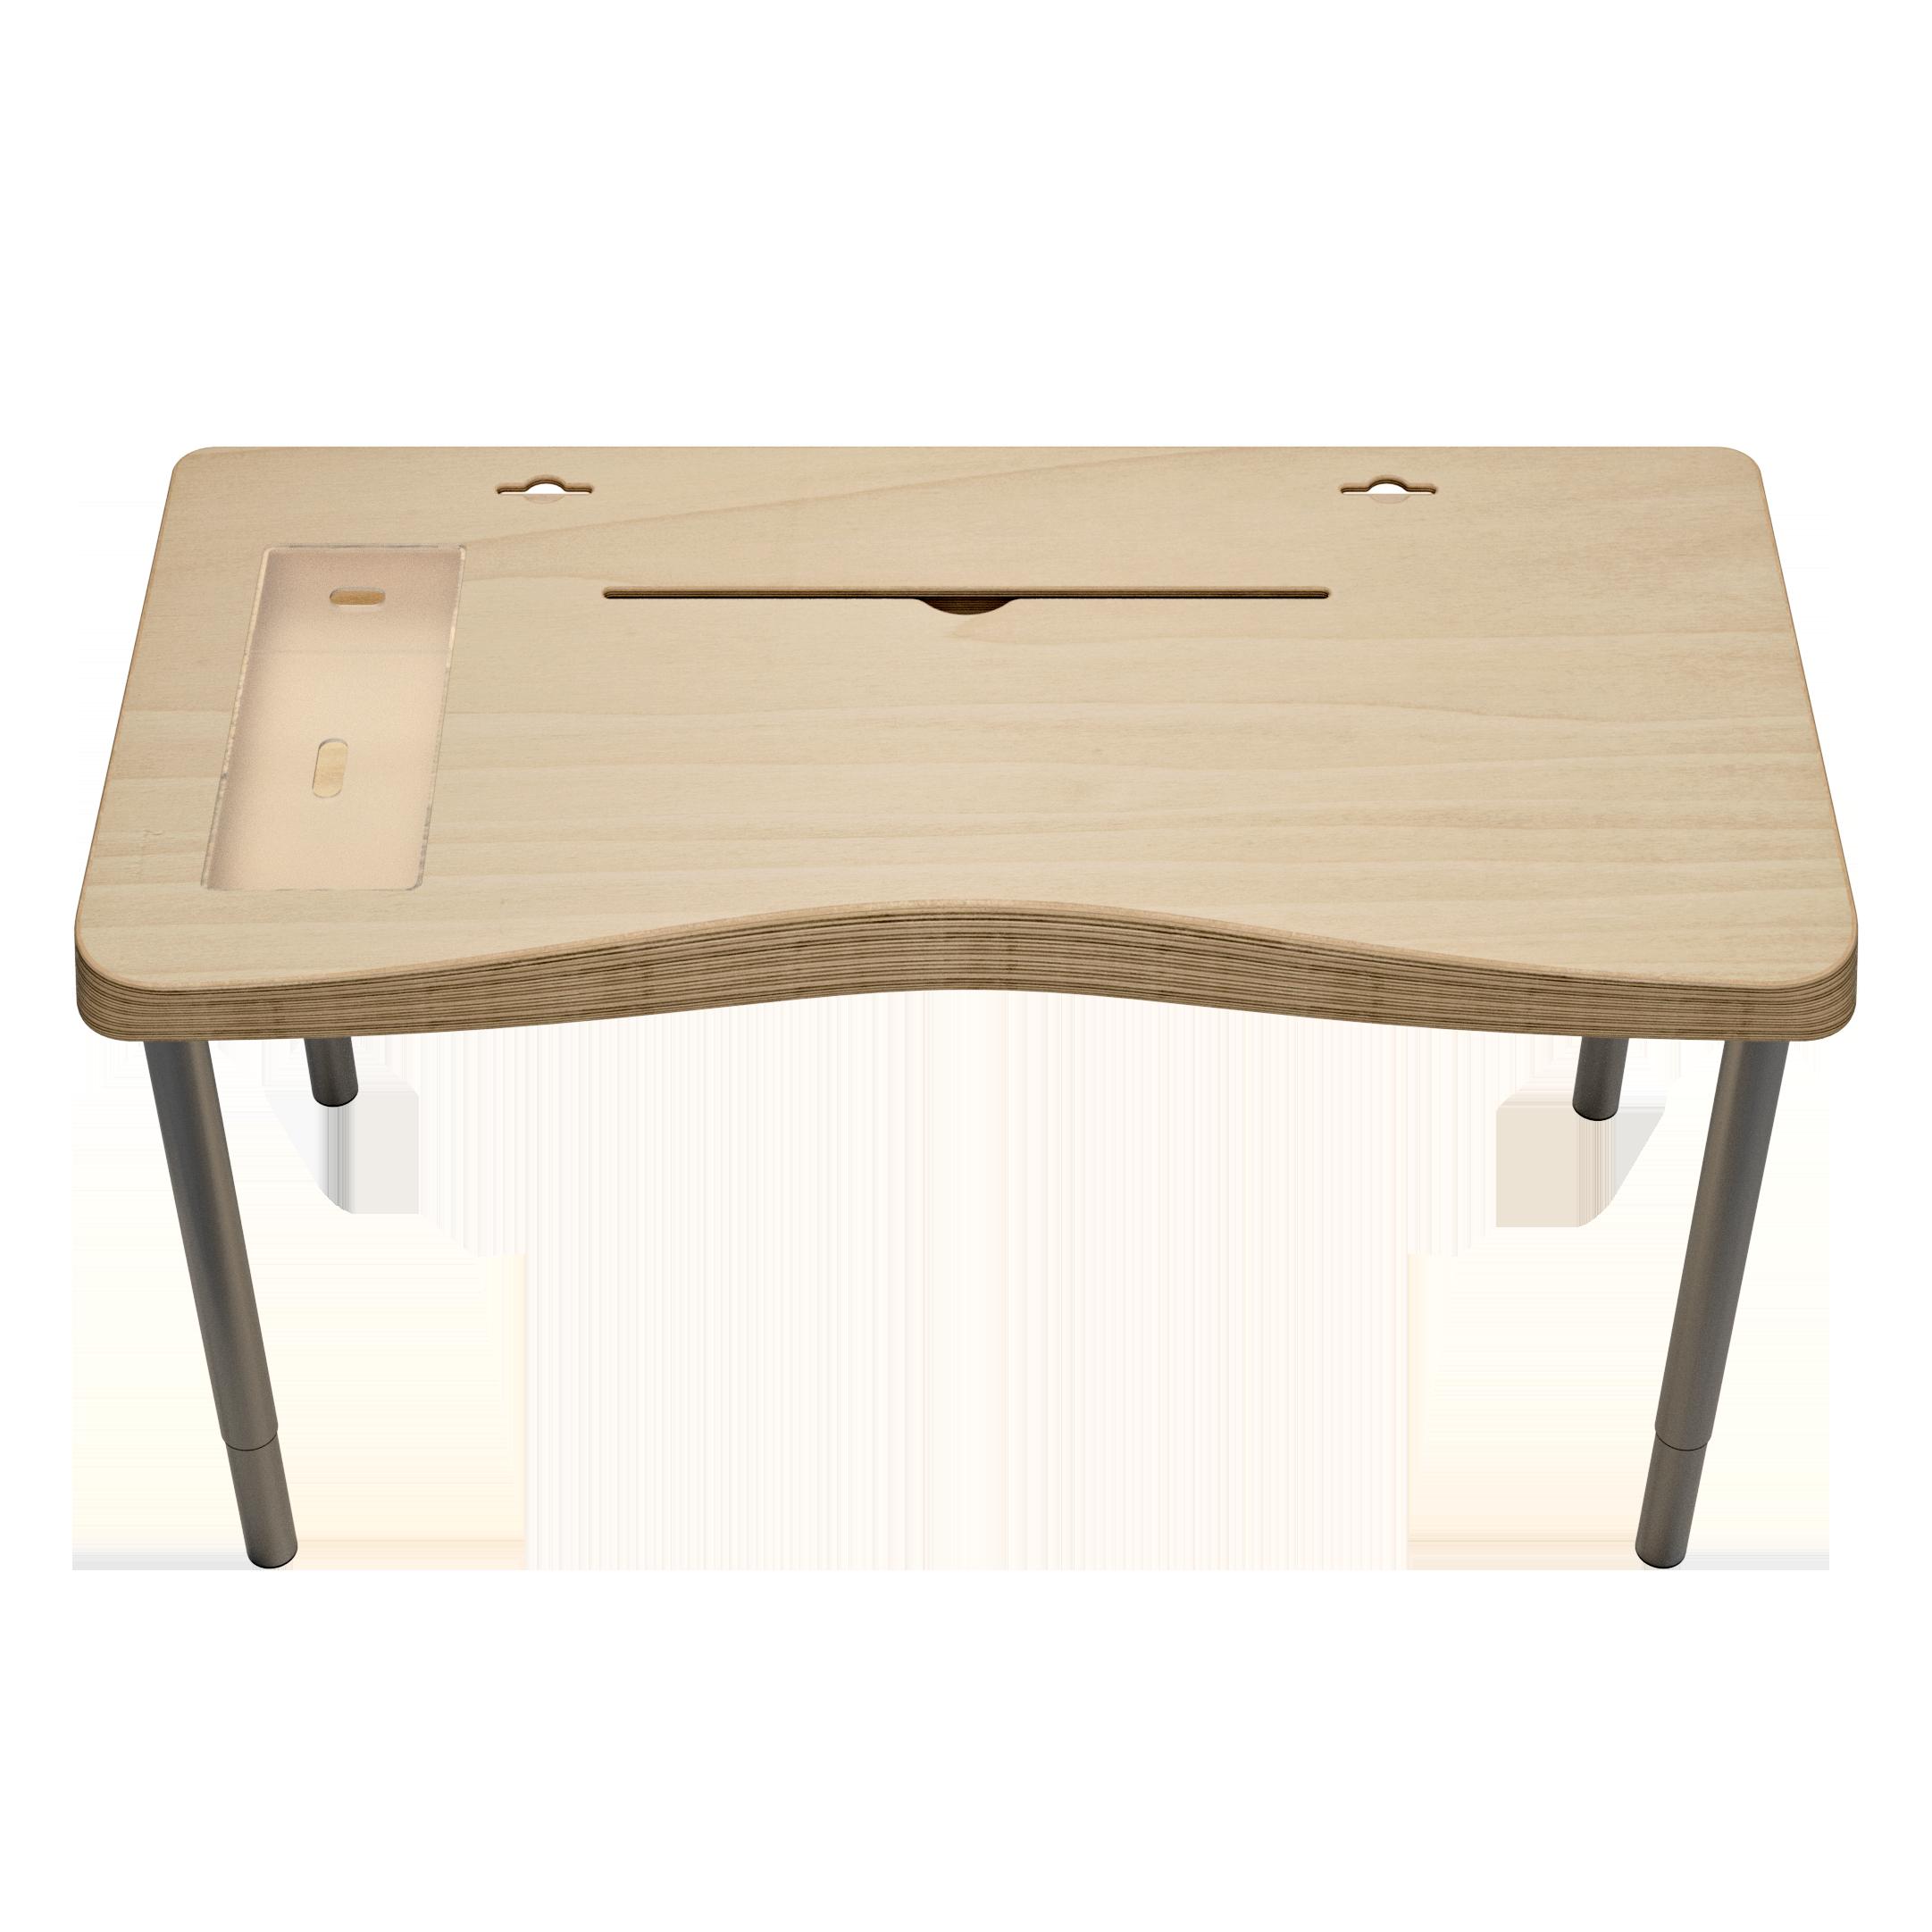 16_FD-009-Slider_IKEA-Gerton-FRONT-edit-alpha.png